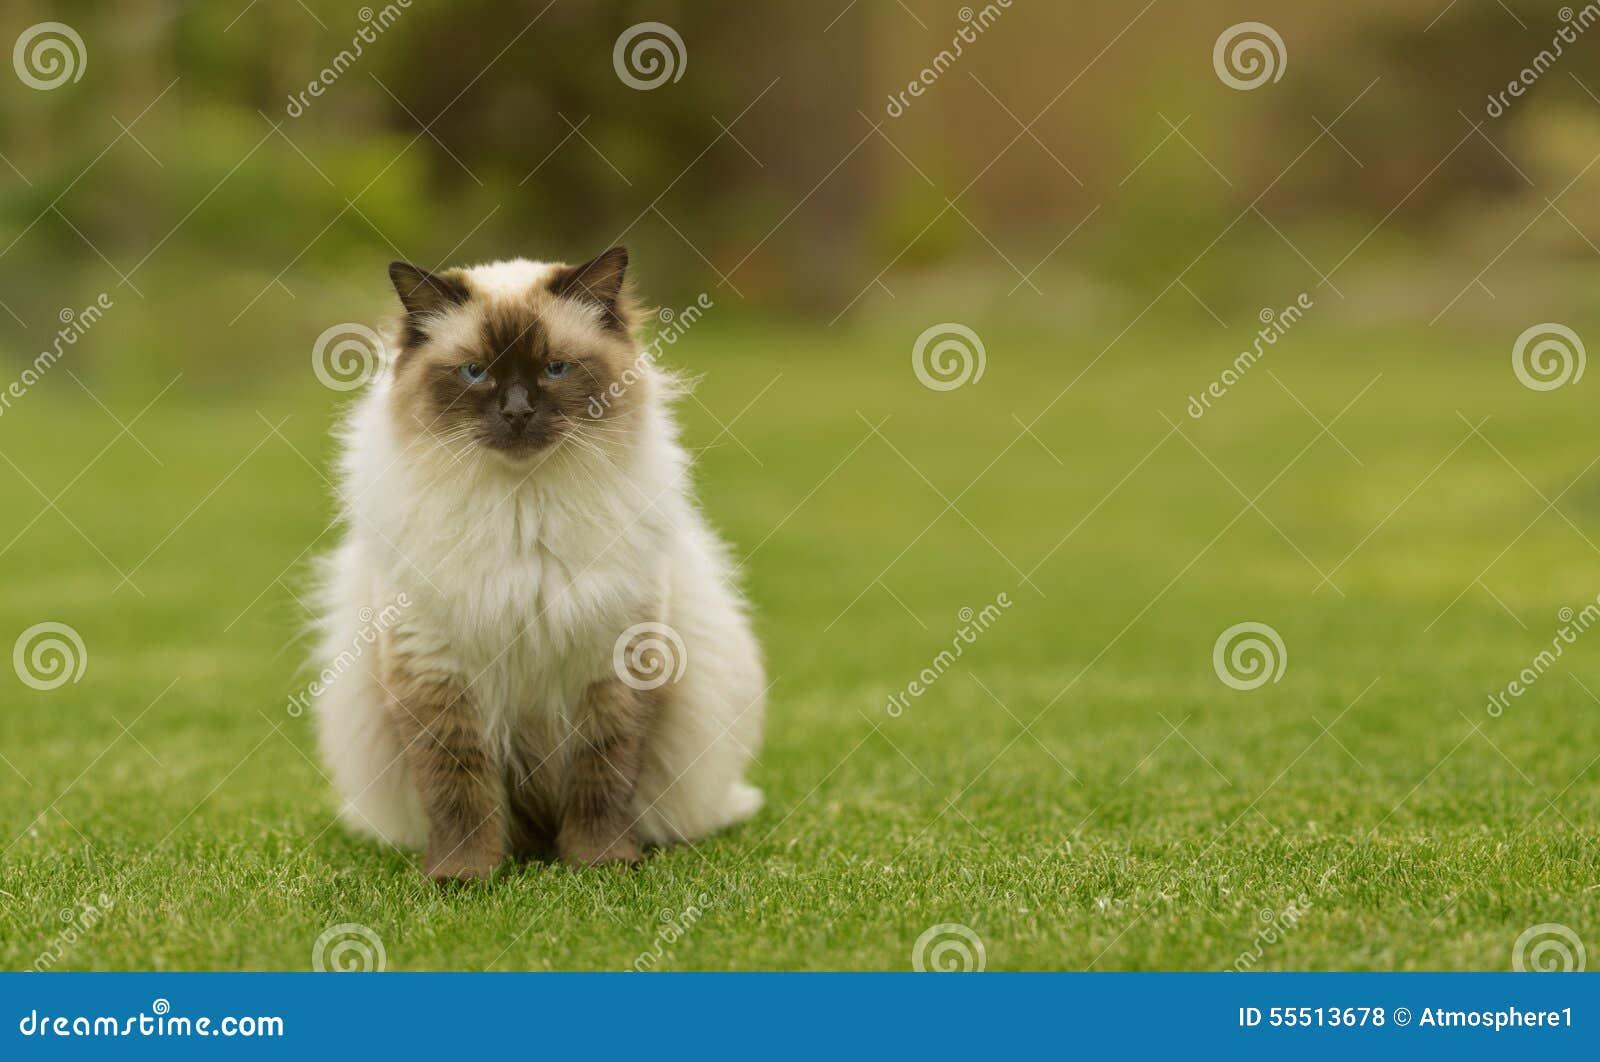 Chat mignon de minou de ragdoll avec des yeux bleus reposant tout droit l 39 herbe dans un jardin - Chat tout mignon ...